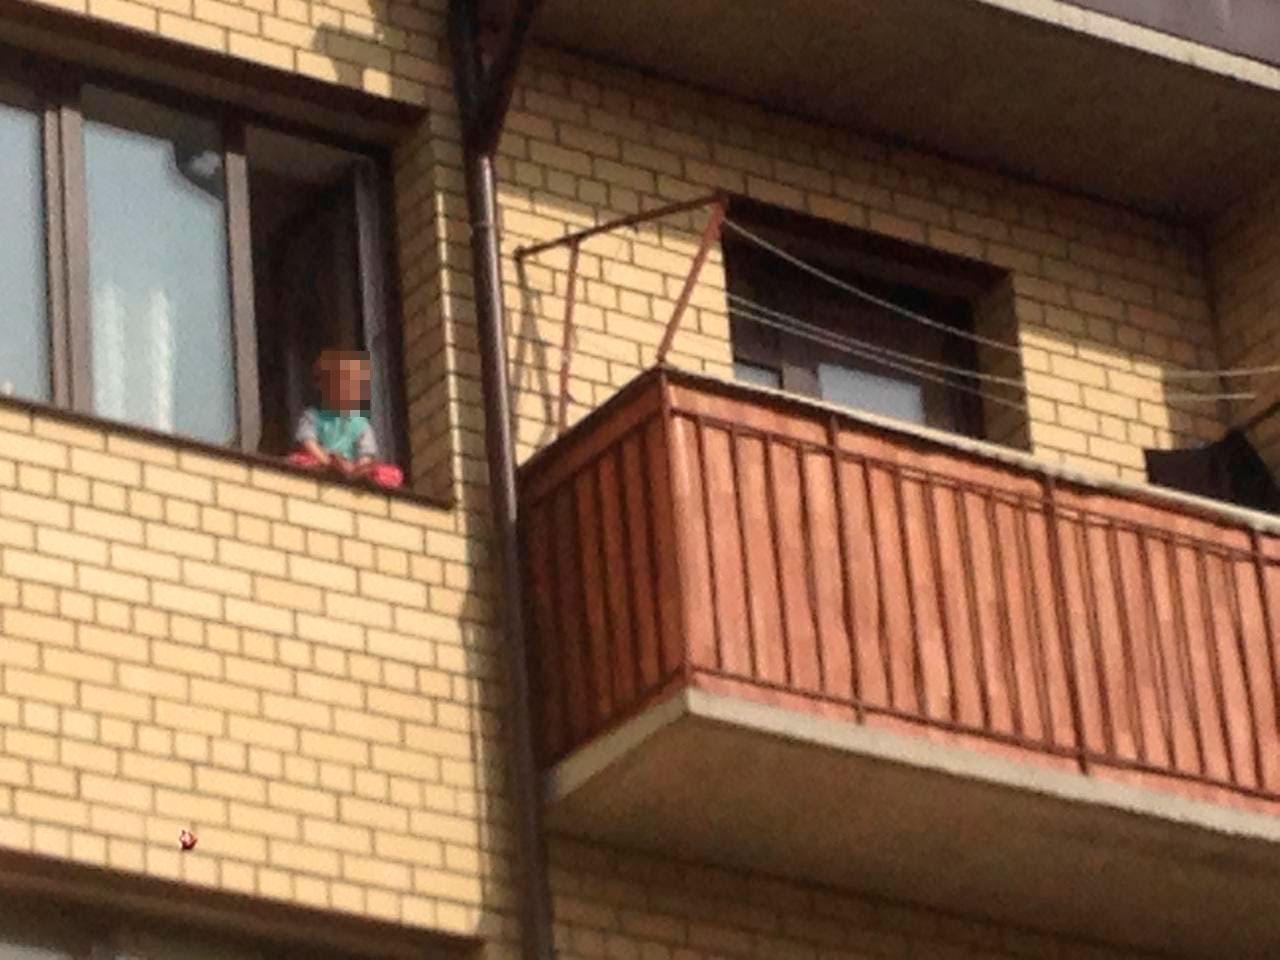 Жители Ярославля забили тревогу из-за ребенка в открытом окне